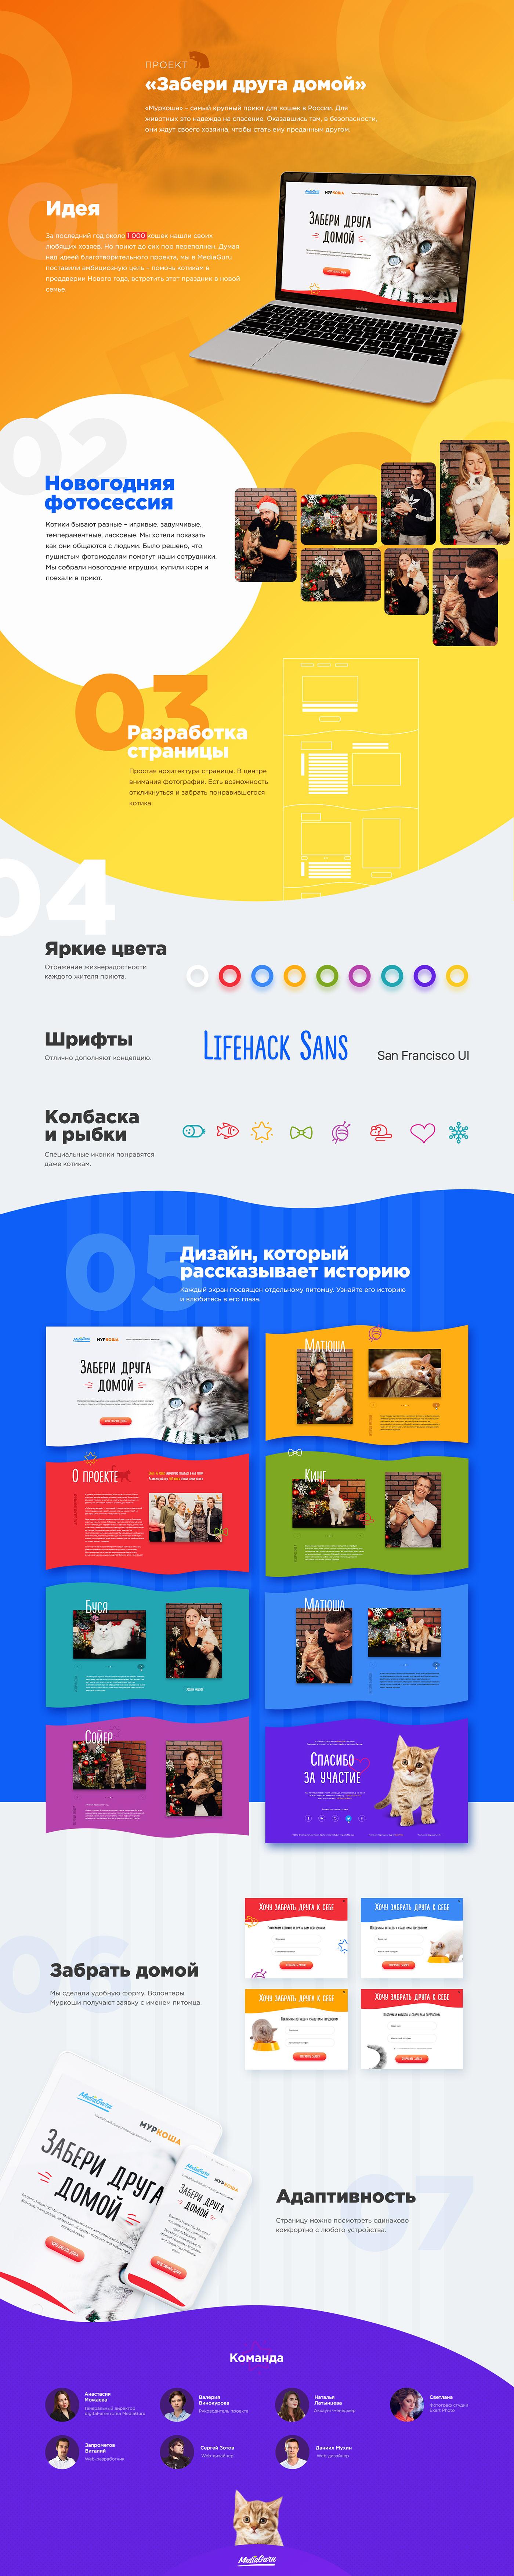 Благотворительность ,муркоша,животные,Социальный проект,котики,mediaguru,приют,москва